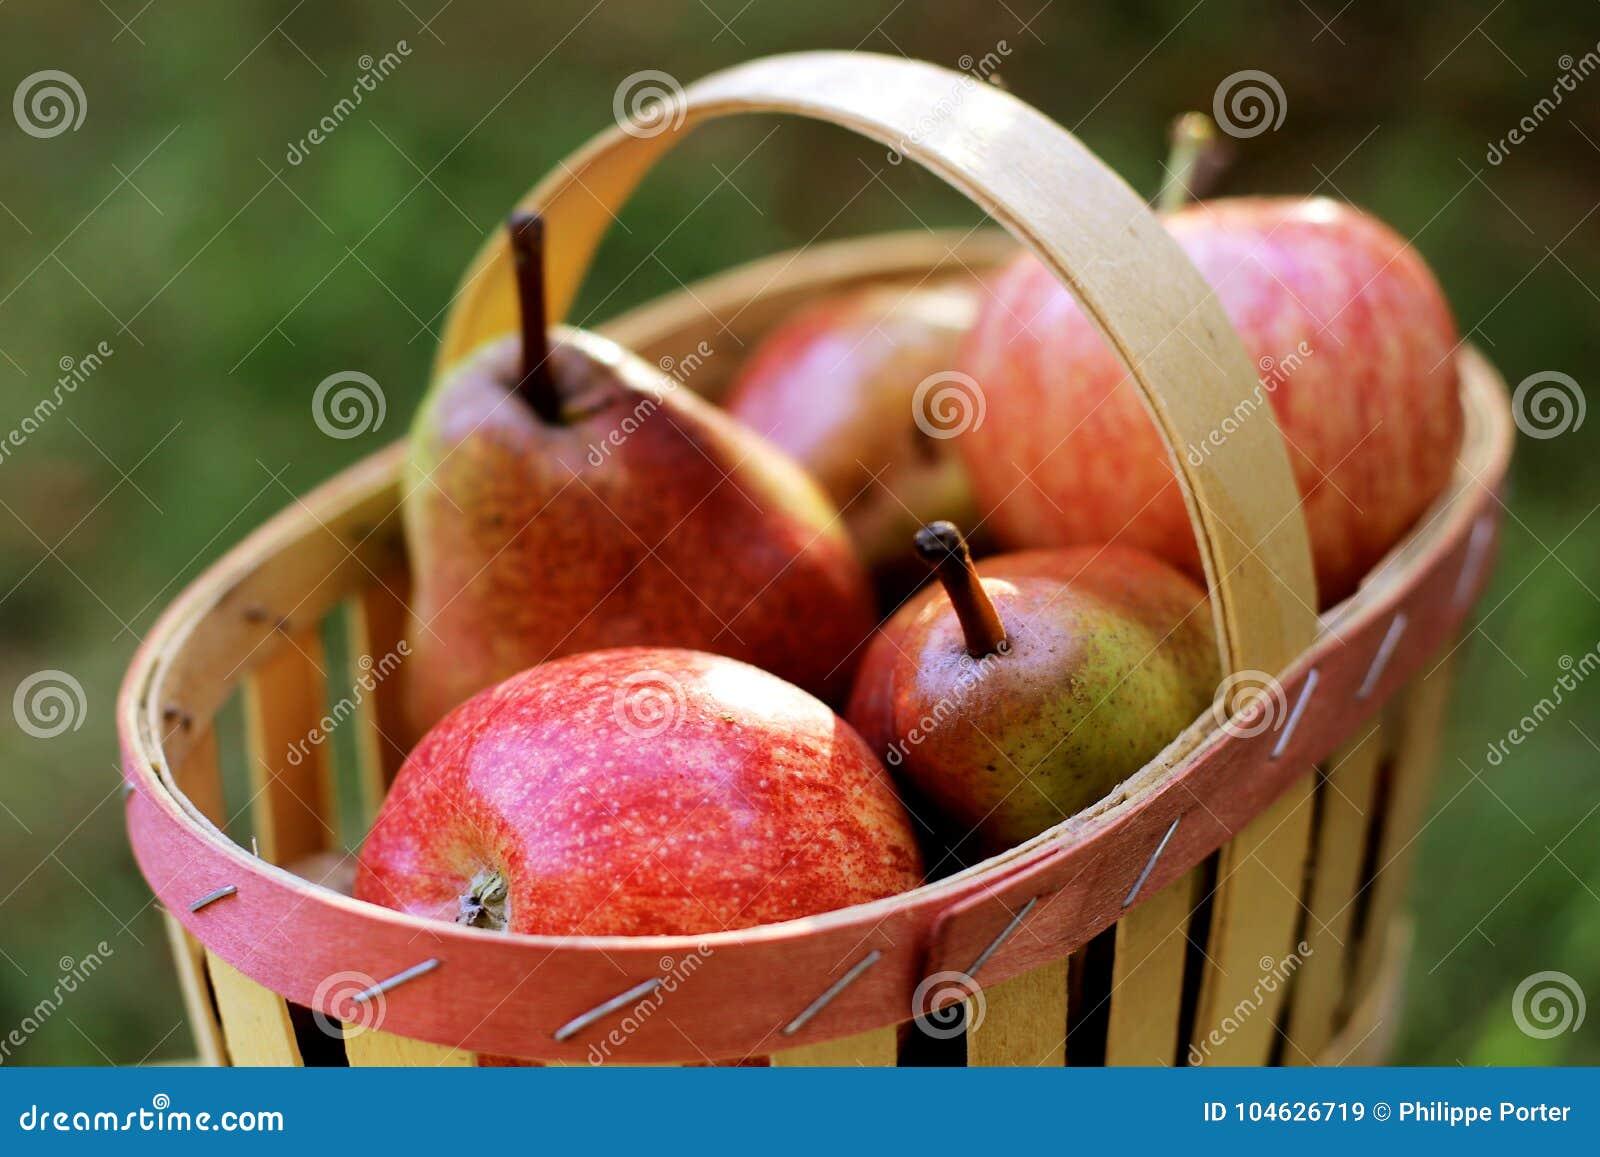 Download Fruitmand Met Appelen En Peren Stock Afbeelding - Afbeelding bestaande uit dieet, geoogst: 104626719